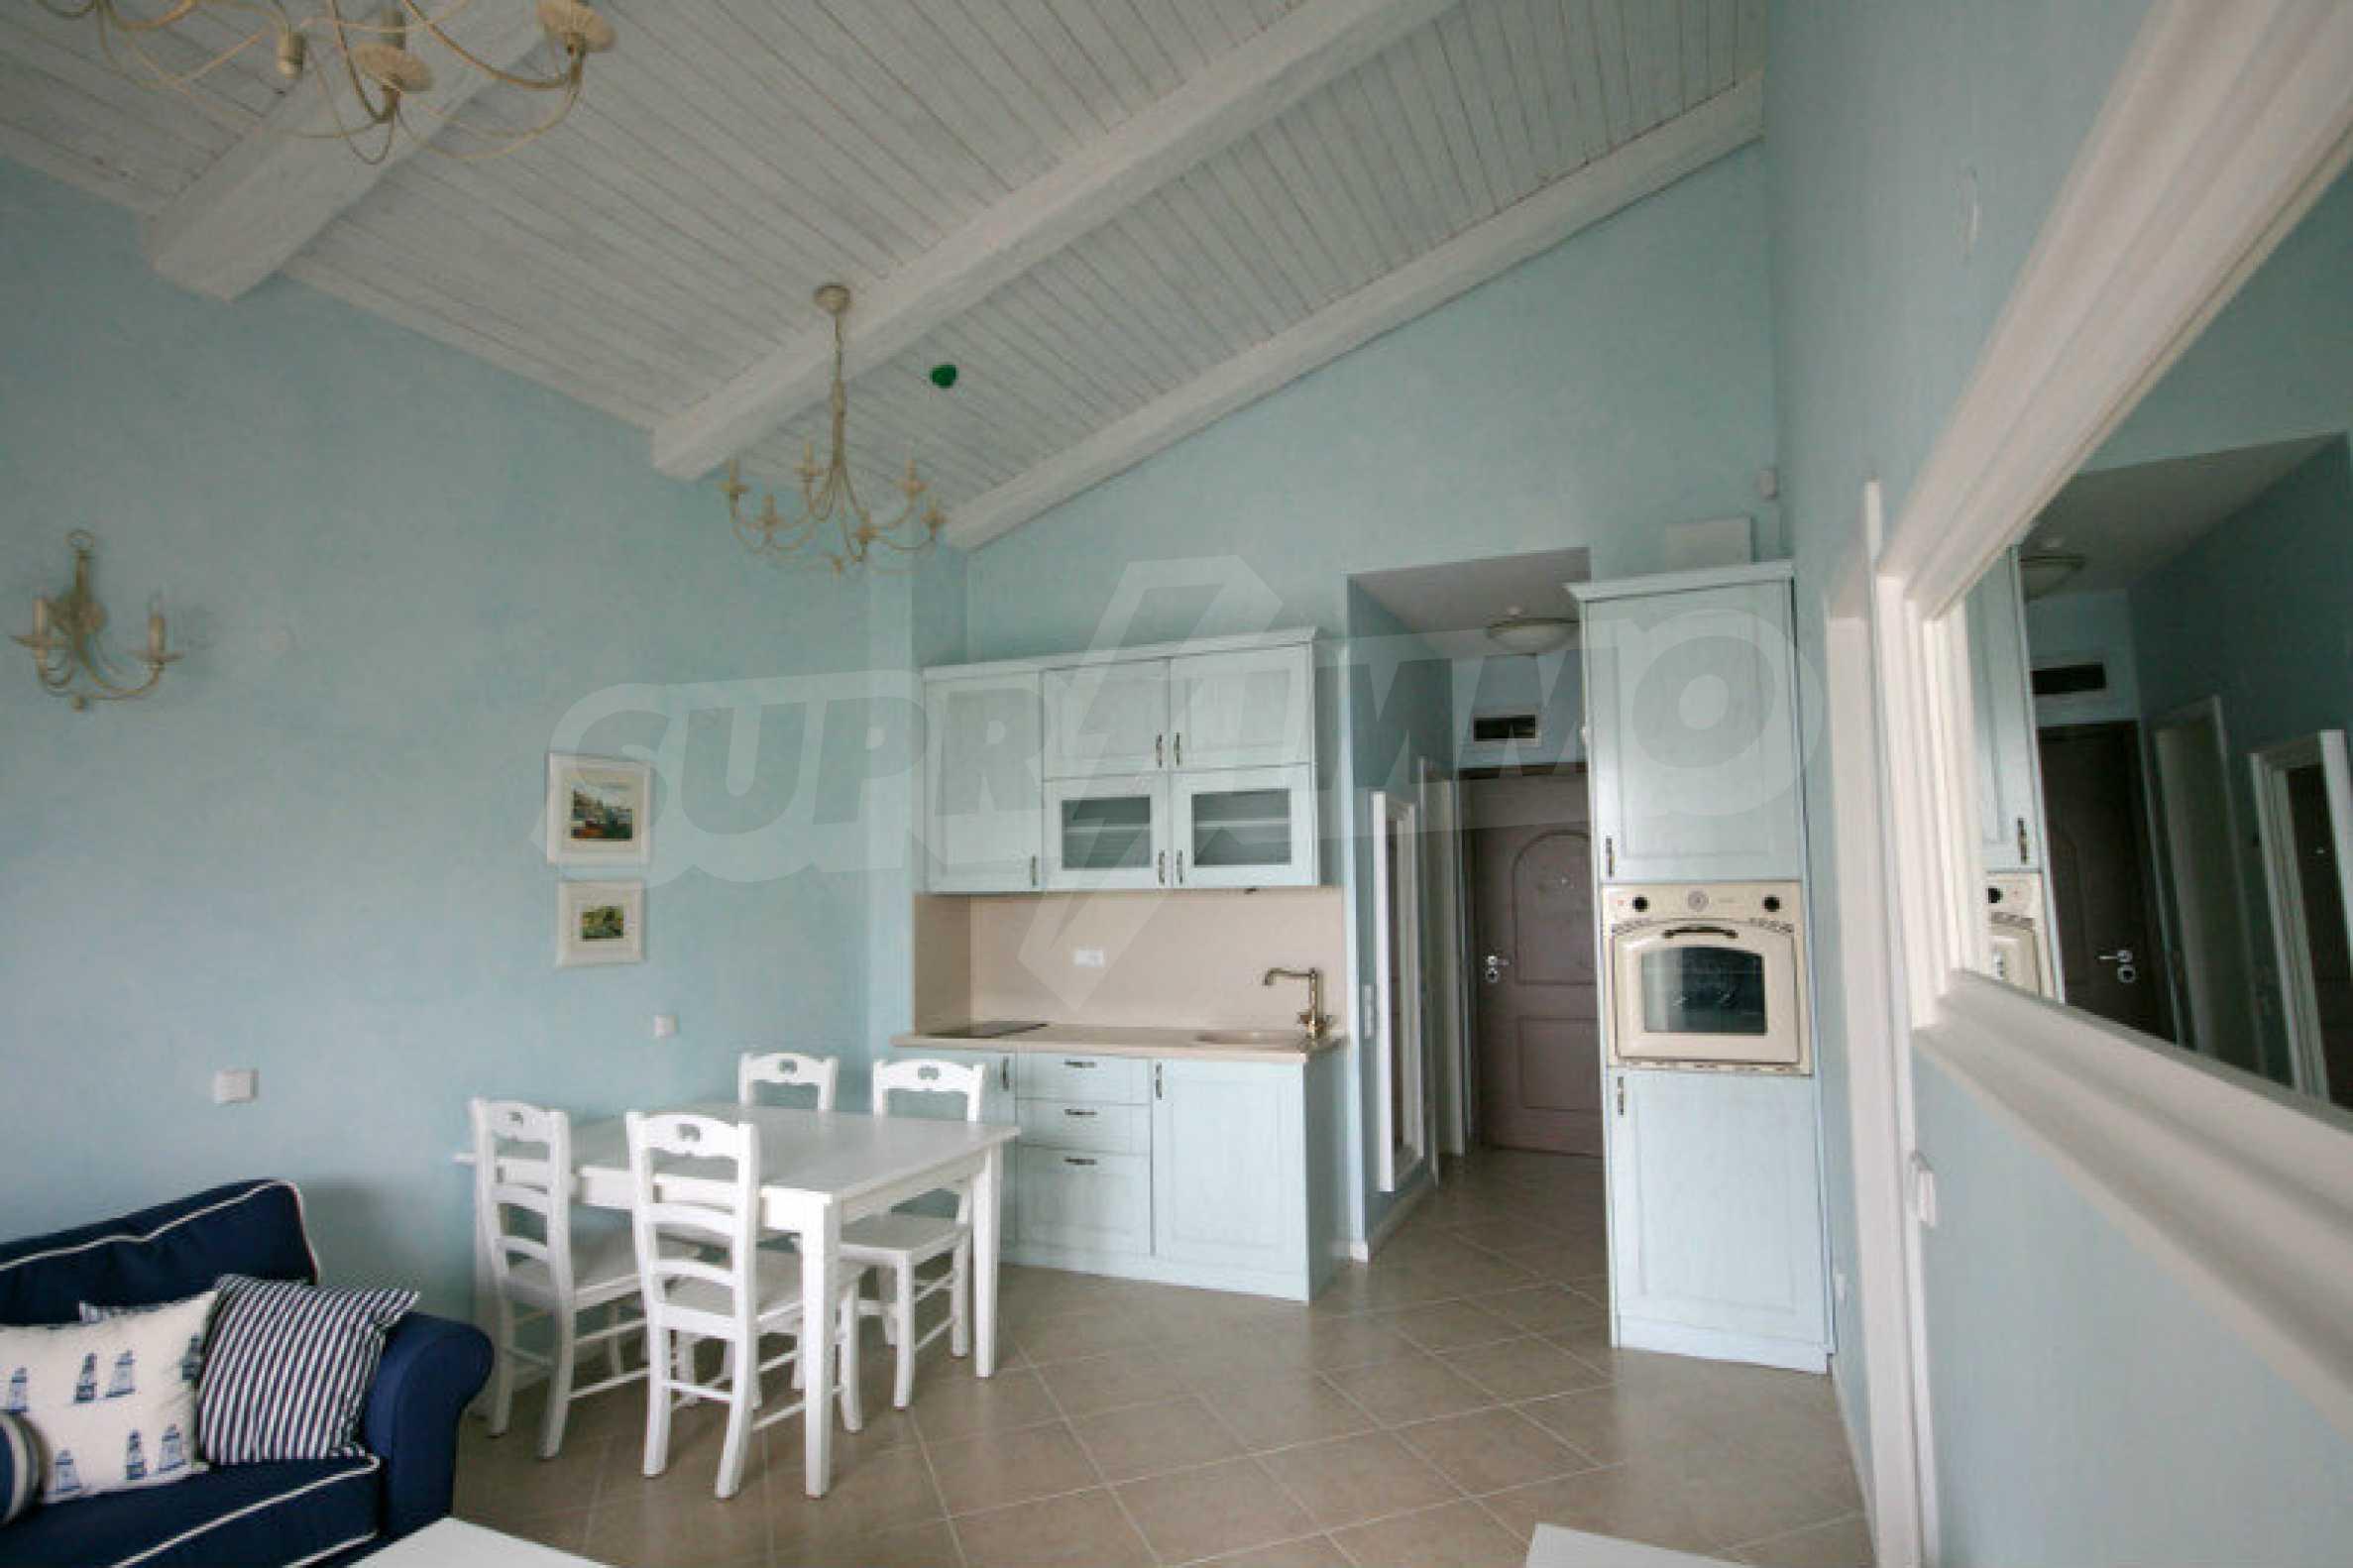 Apartment mit zwei Schlafzimmern und stilvollen Möbeln in einem Komplex in erster Linie 1